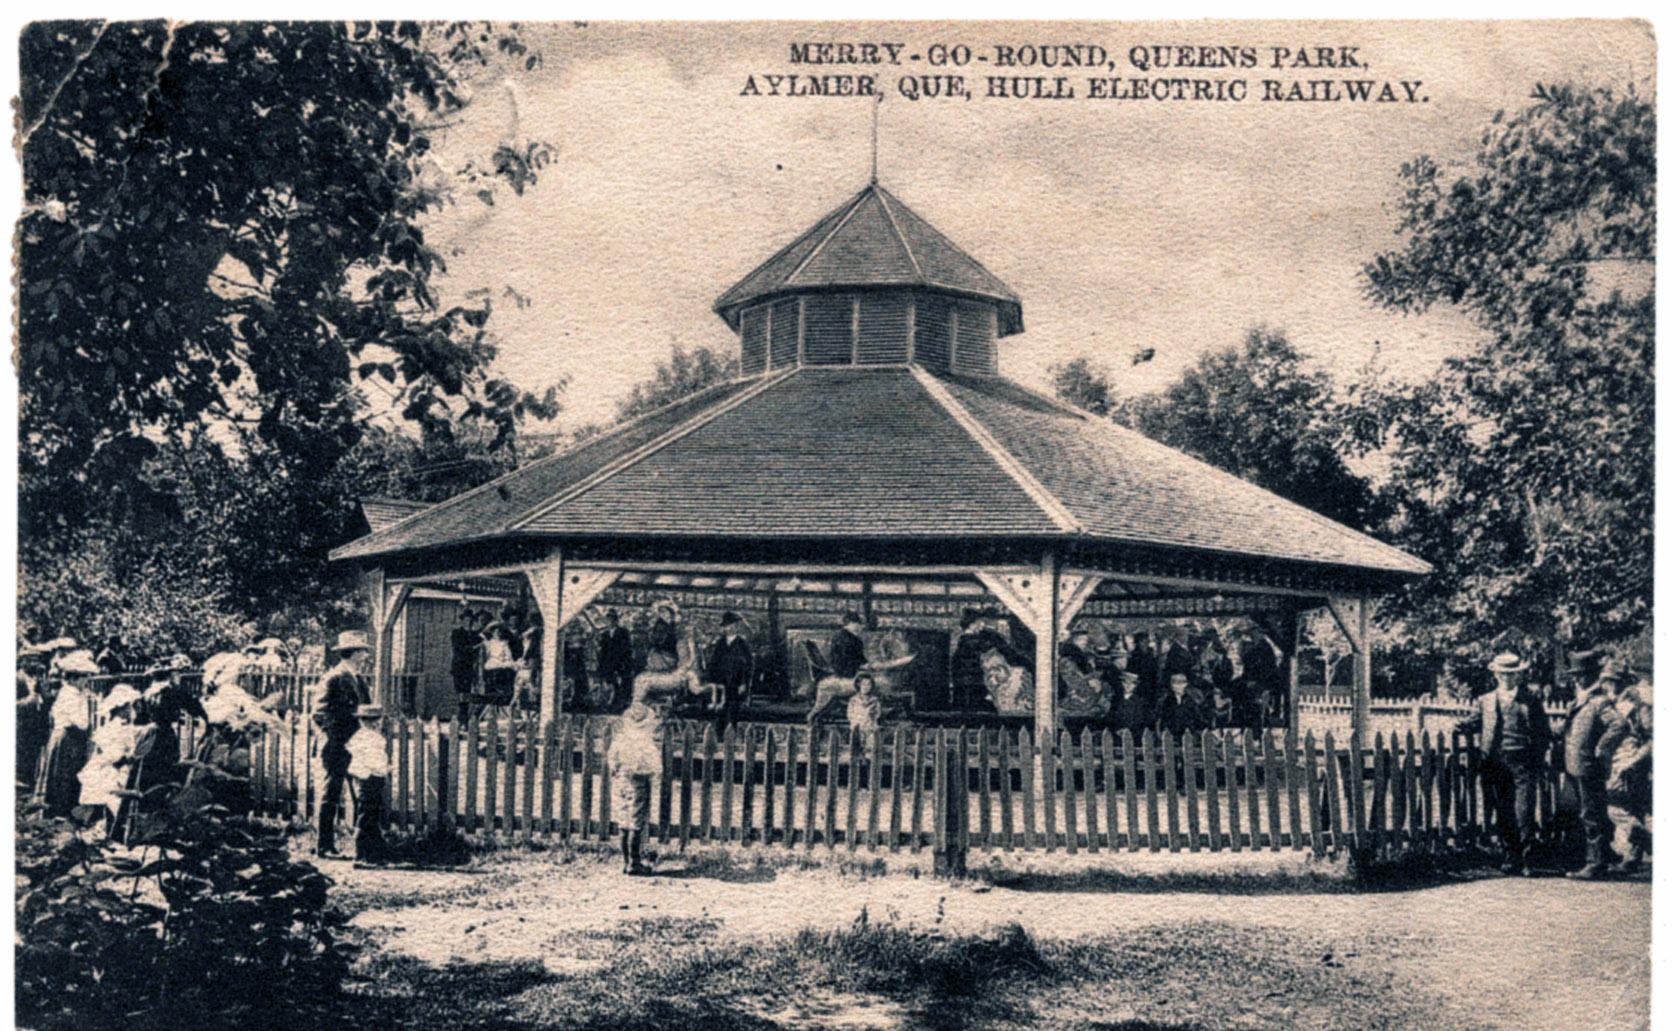 Queens-Park-carousel-Ottowa-Canada